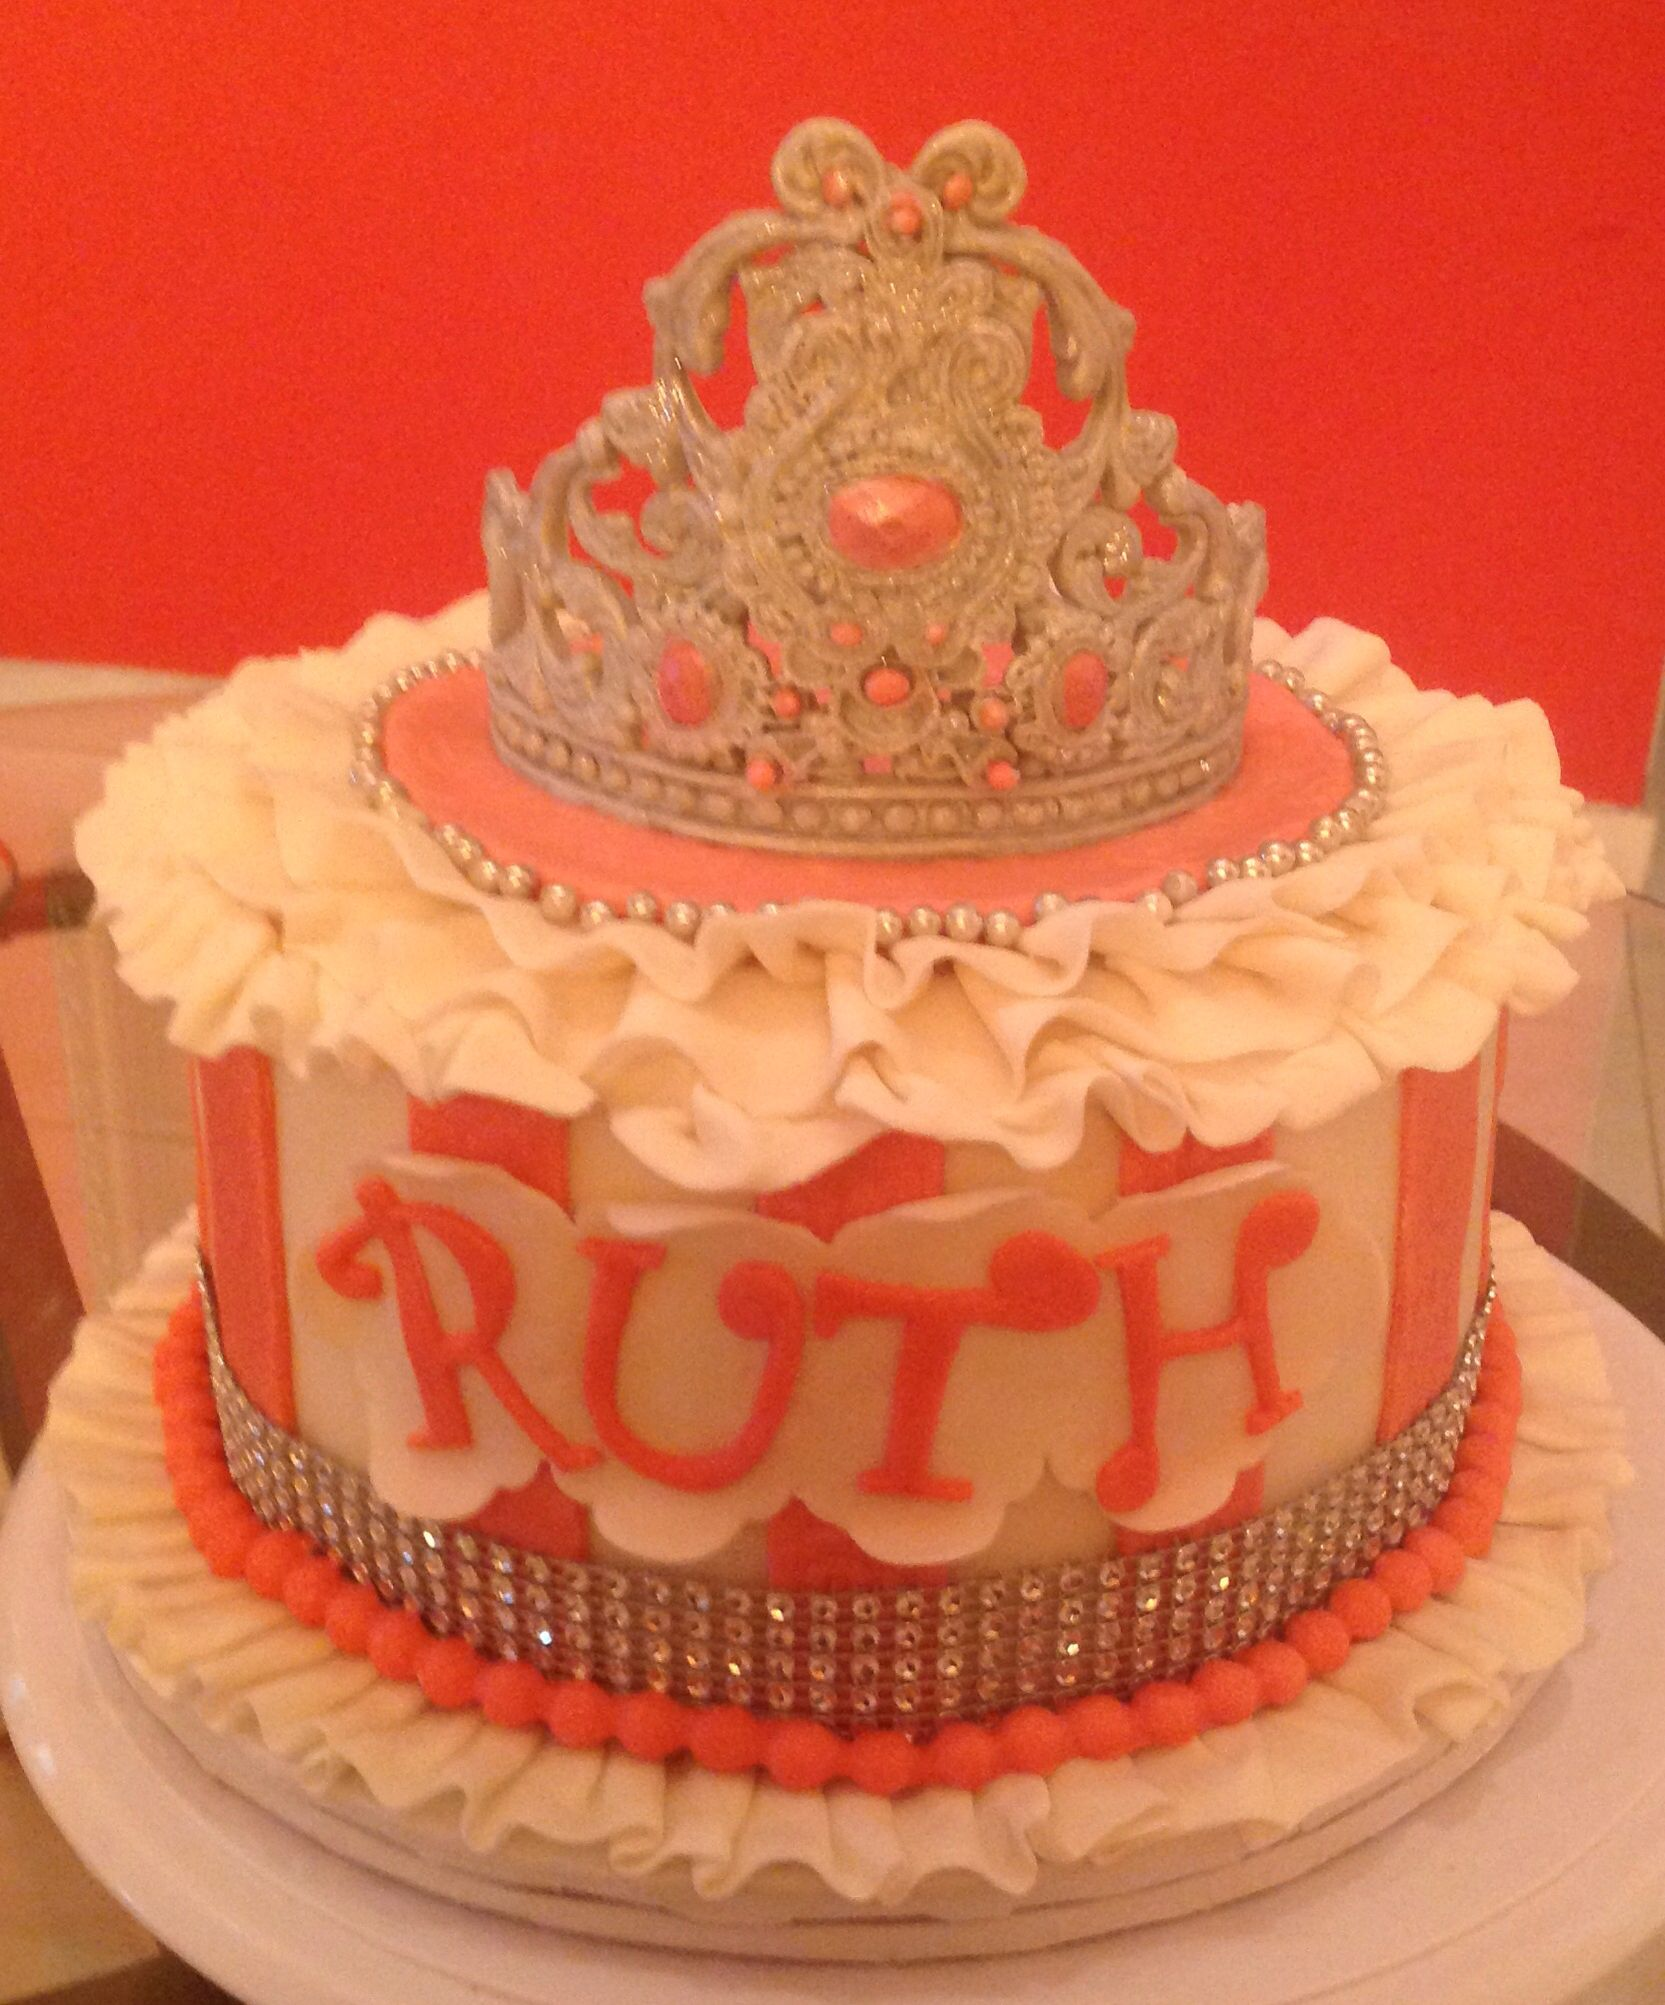 Tiara cake (With images)   Tiara cake, Cake, Desserts